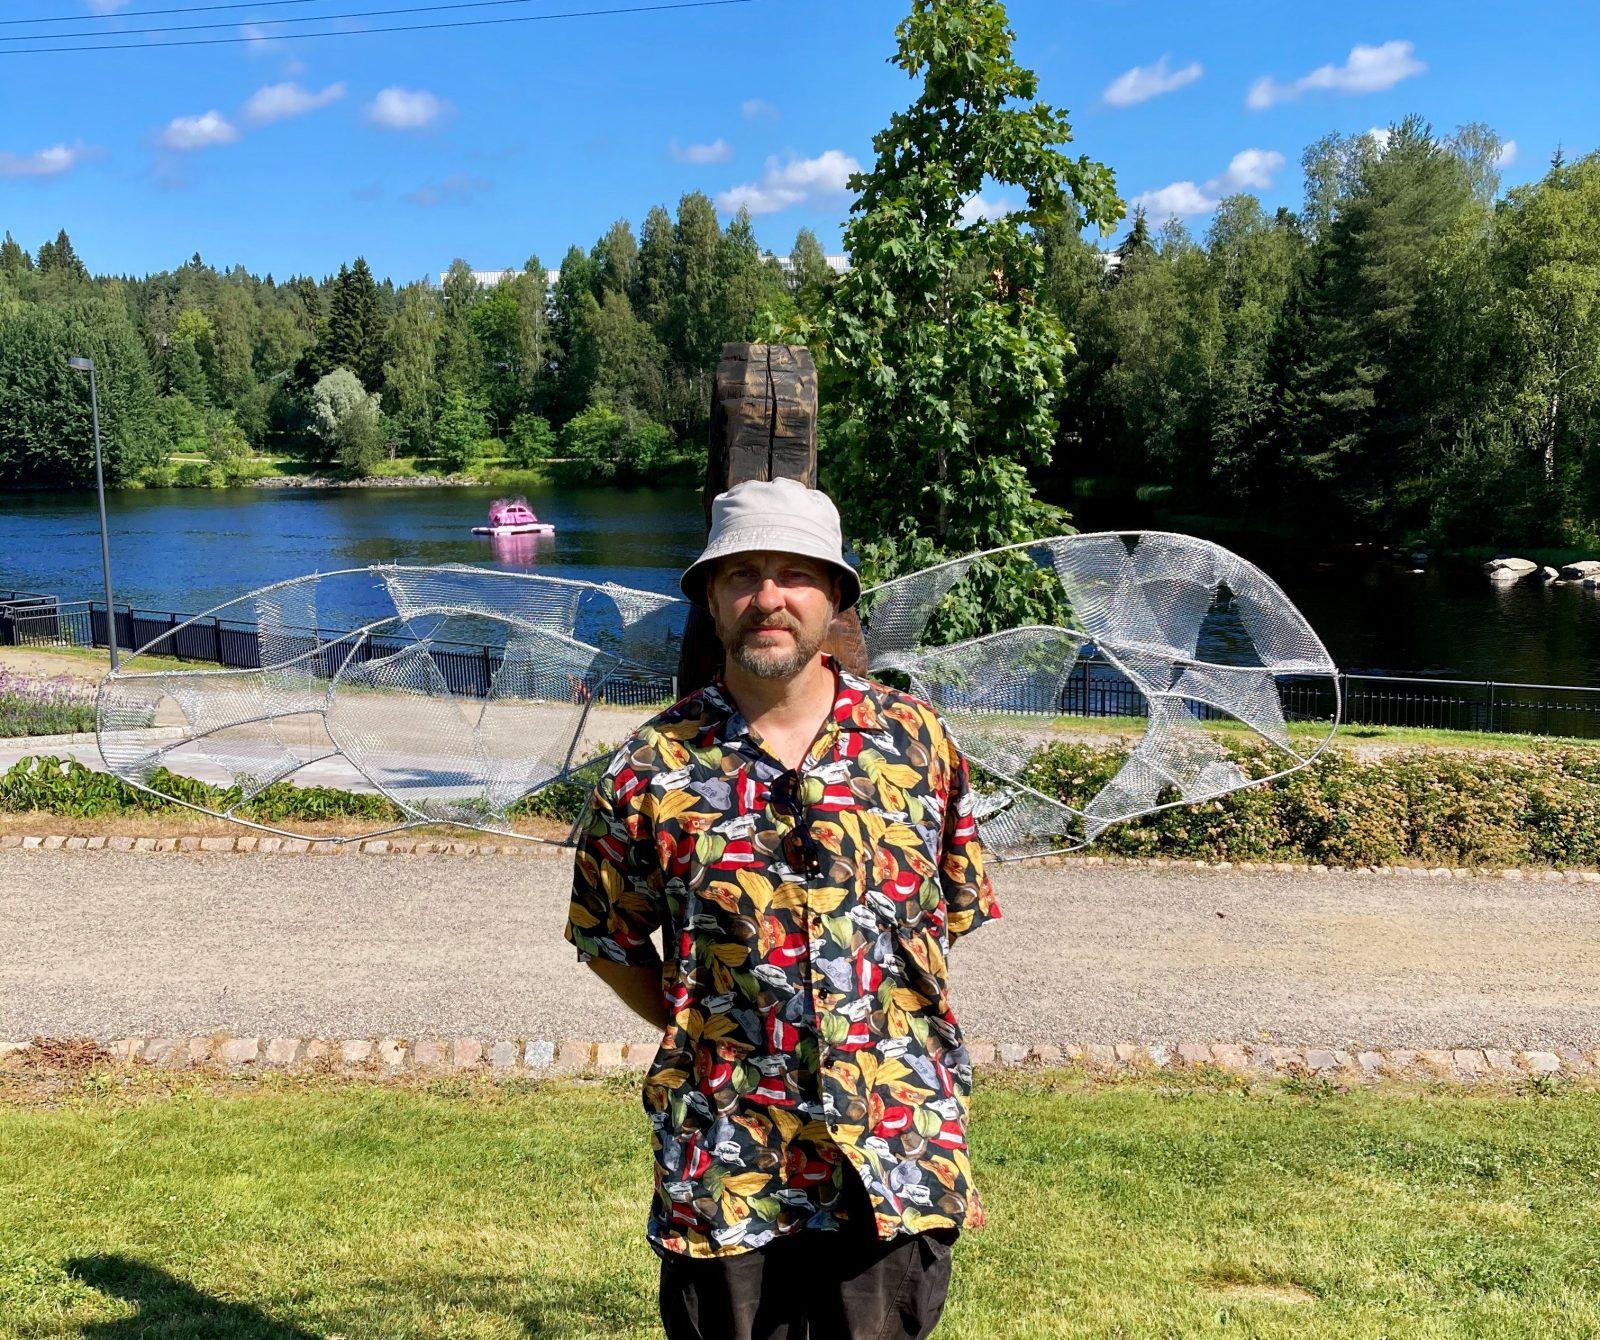 Kimalaisen siivet selkään Kajaanin rantapuistossa saa otettua siivekkään selfien